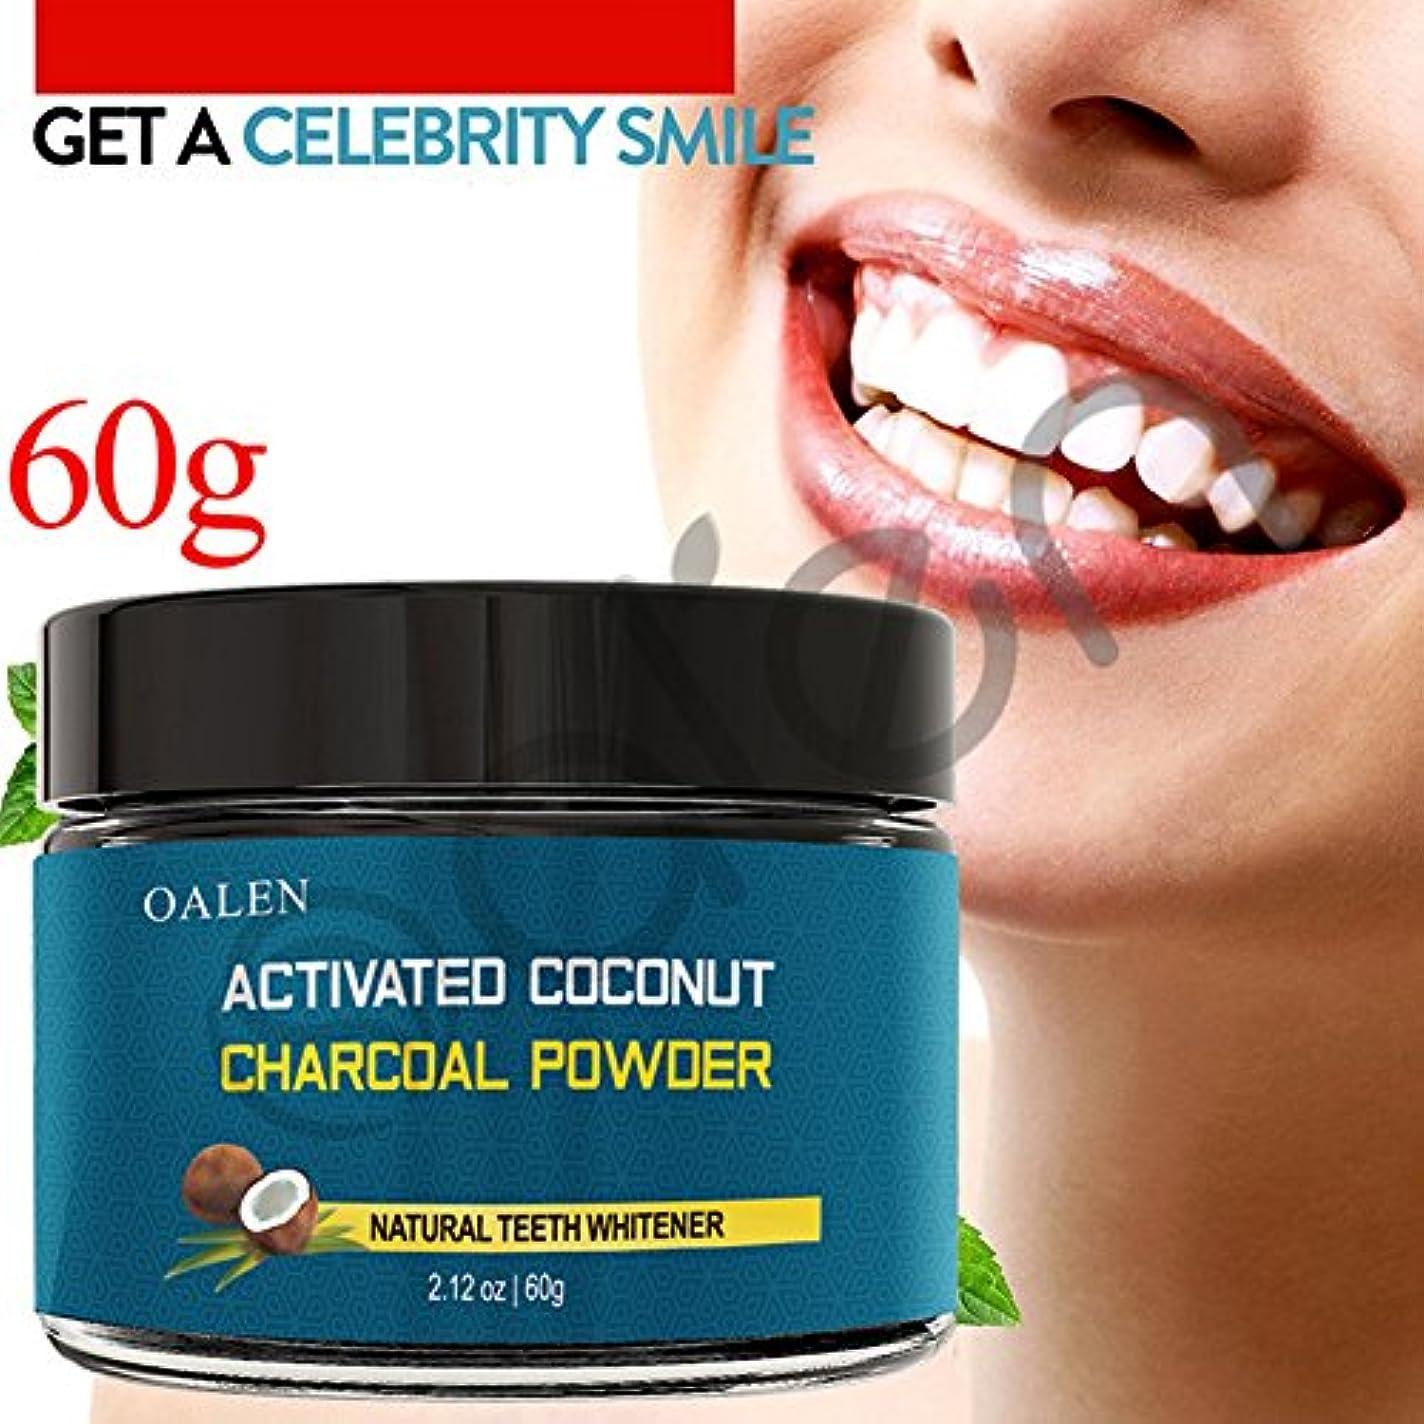 知的モデレータ結晶Liebeye 歯 ホワイトニング パウダー グラム 天然活性 ココナッツチャコール 歯ホワイトナー 60g